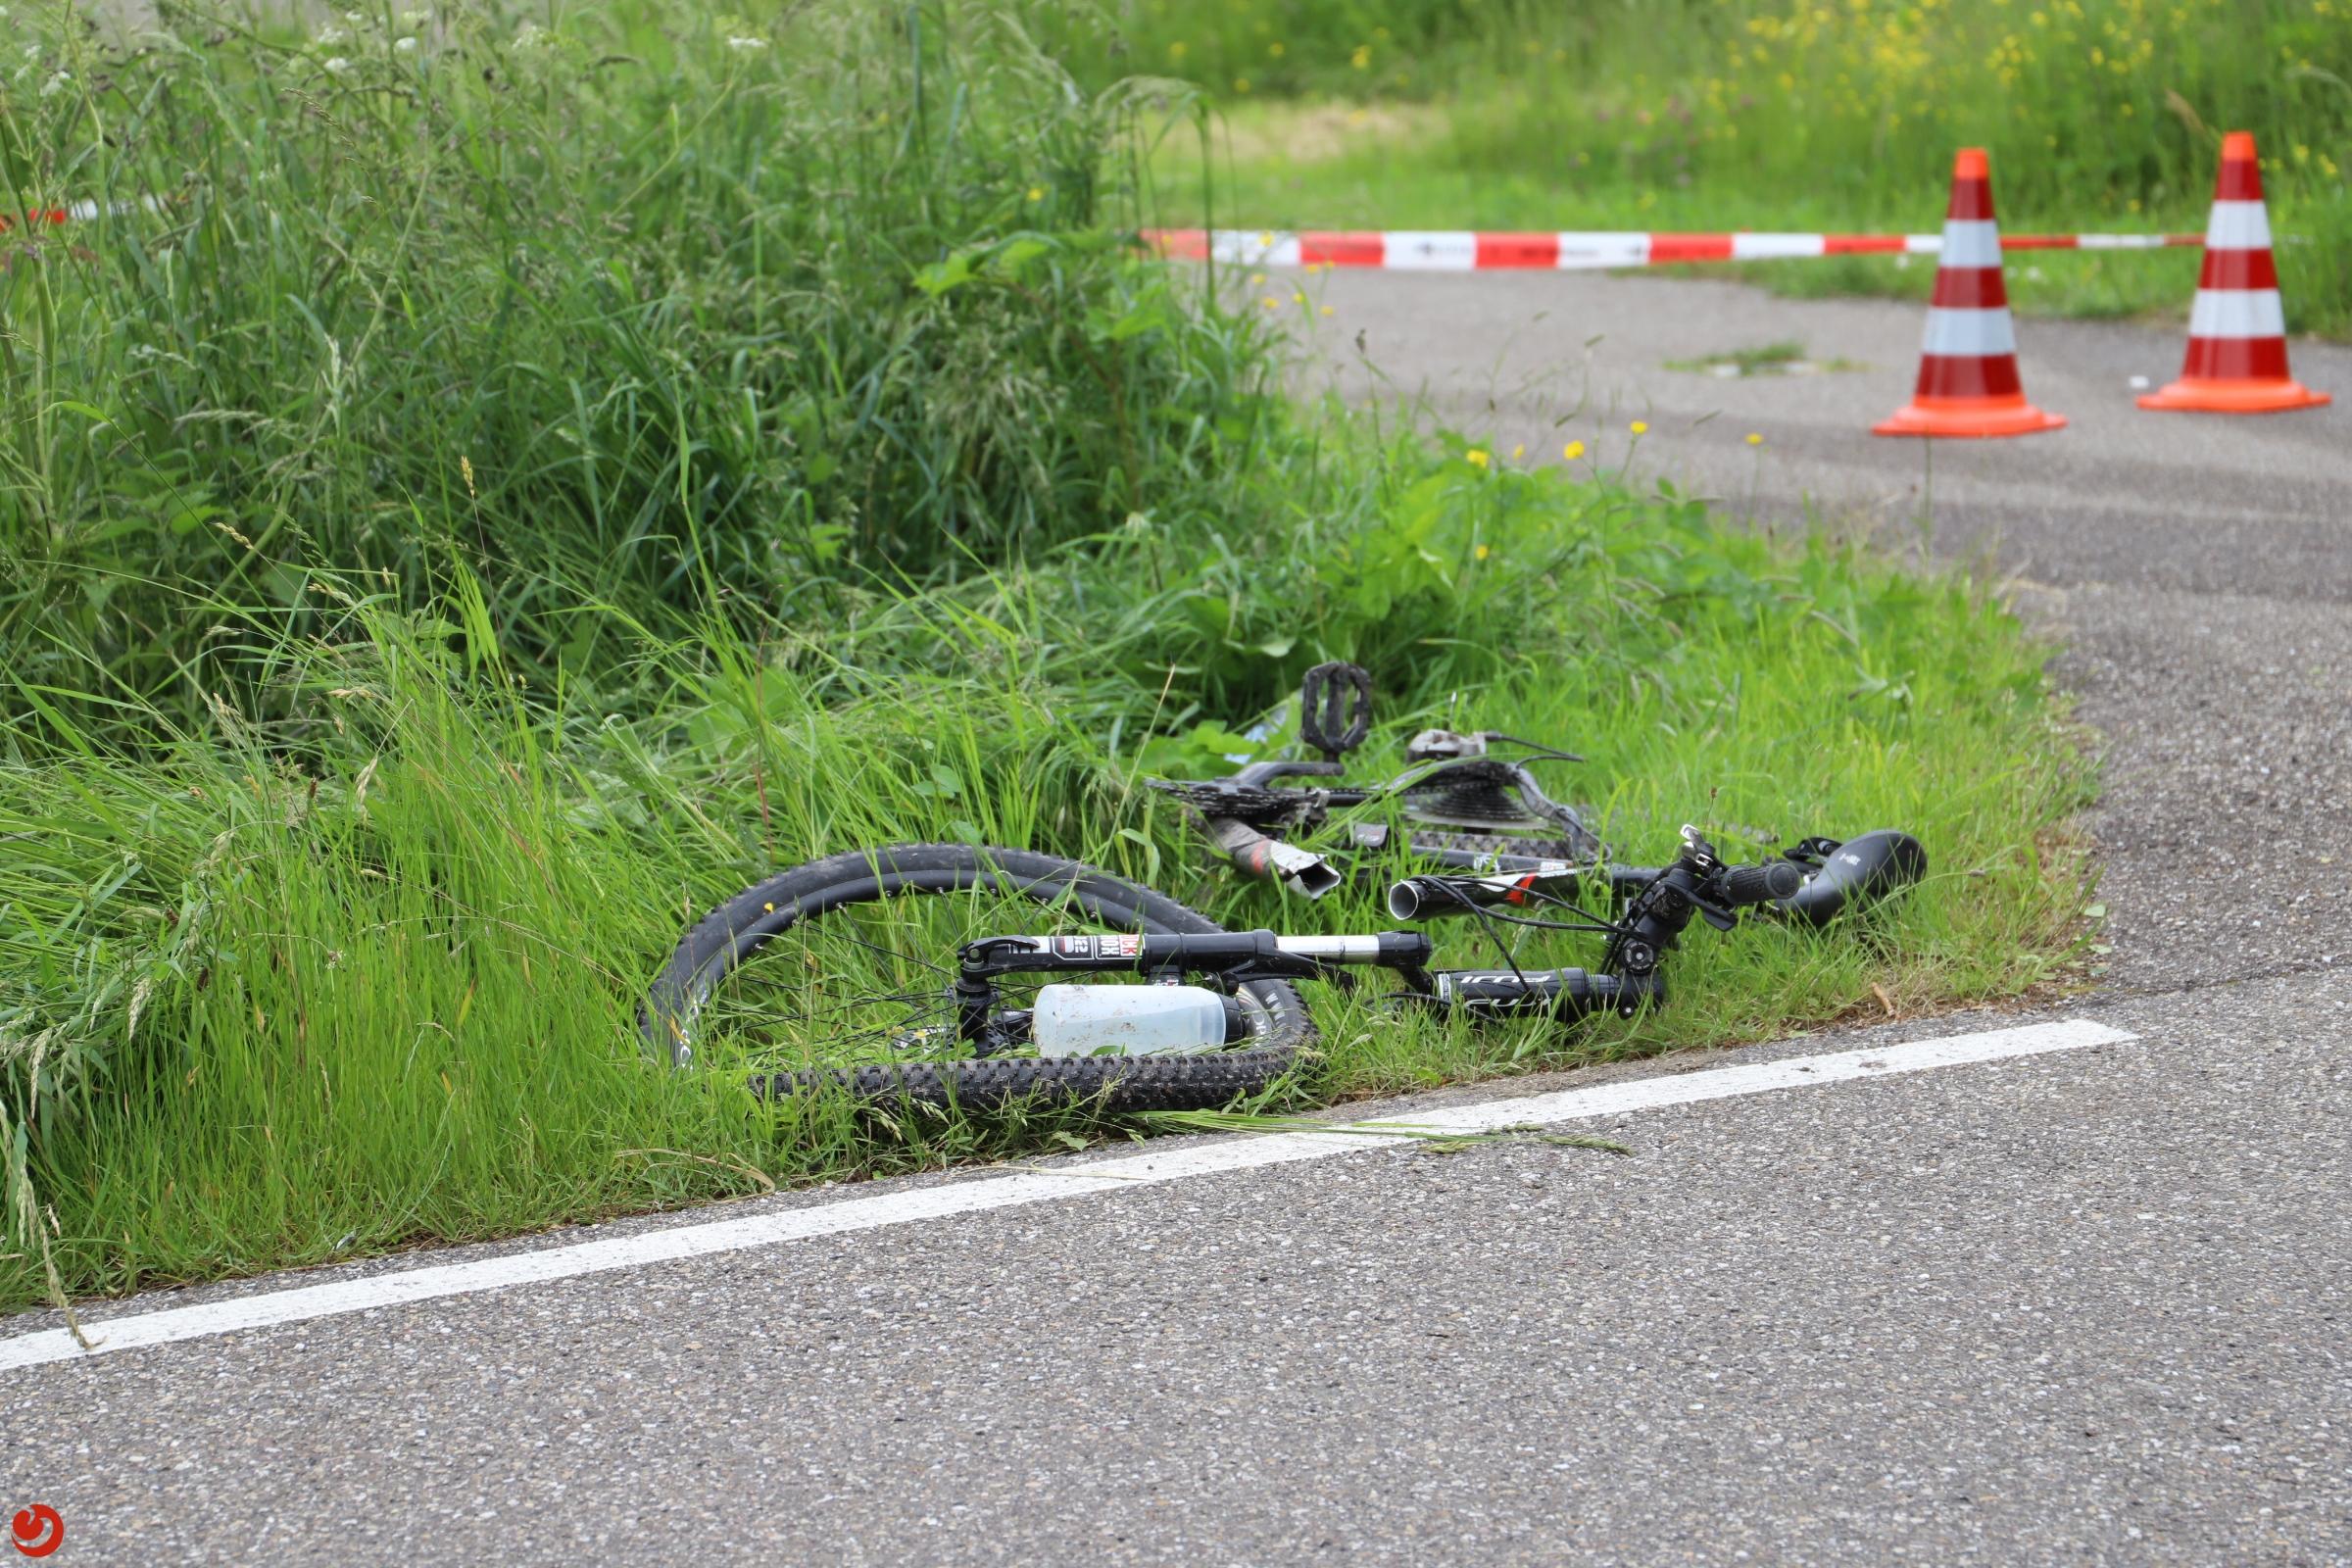 Fietser zwaargewond bij aanrijding met auto in Leeuwarden.